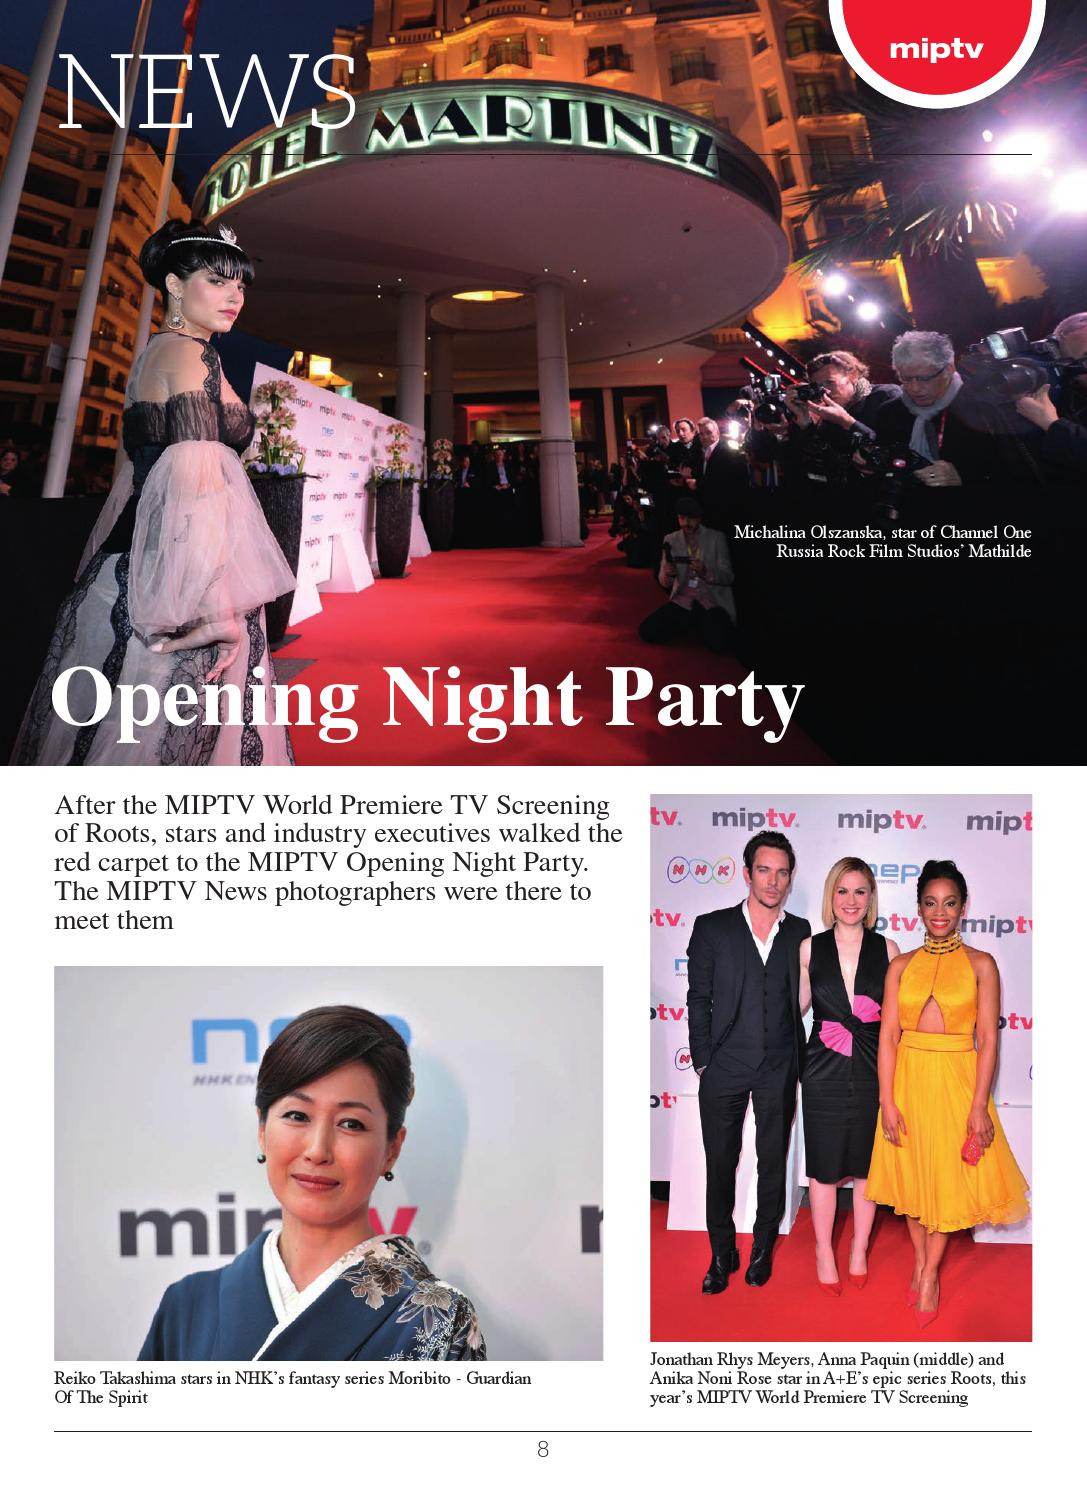 Miptv 2016 news 2 by MIPMarkets - issuu